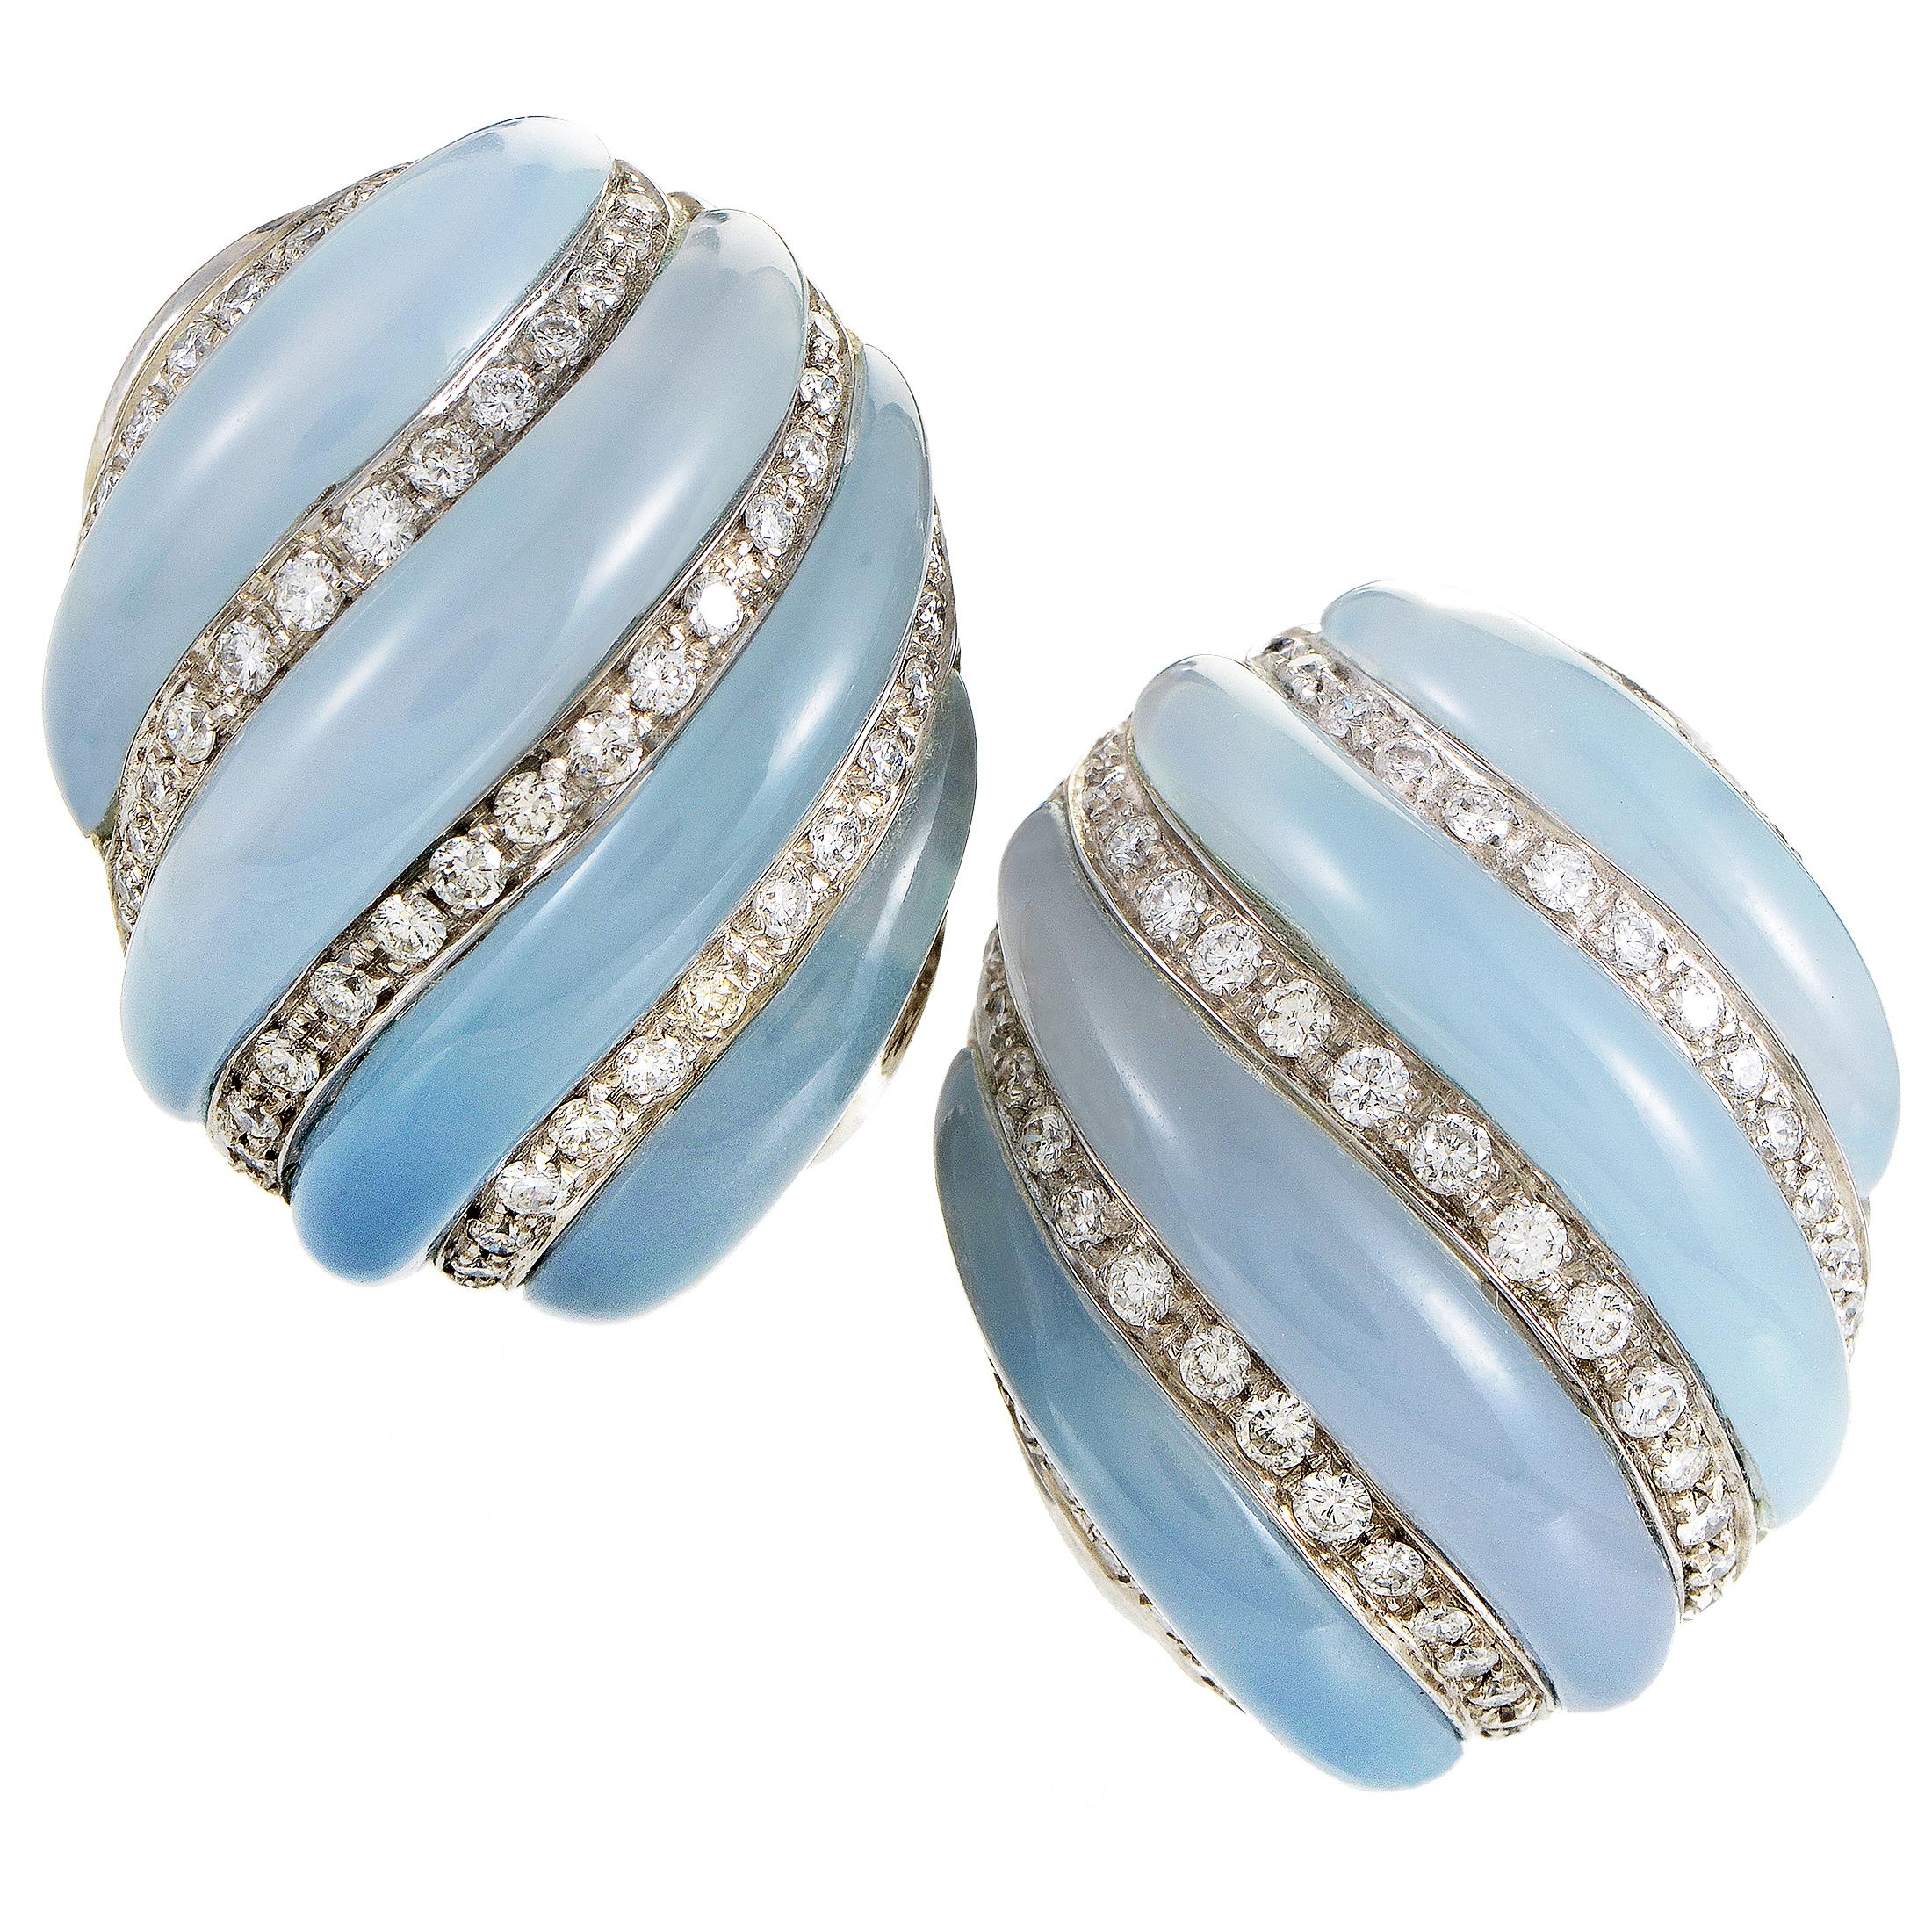 Women's Italian 18K White Gold Diamond & Blue Chalcedony Earrings